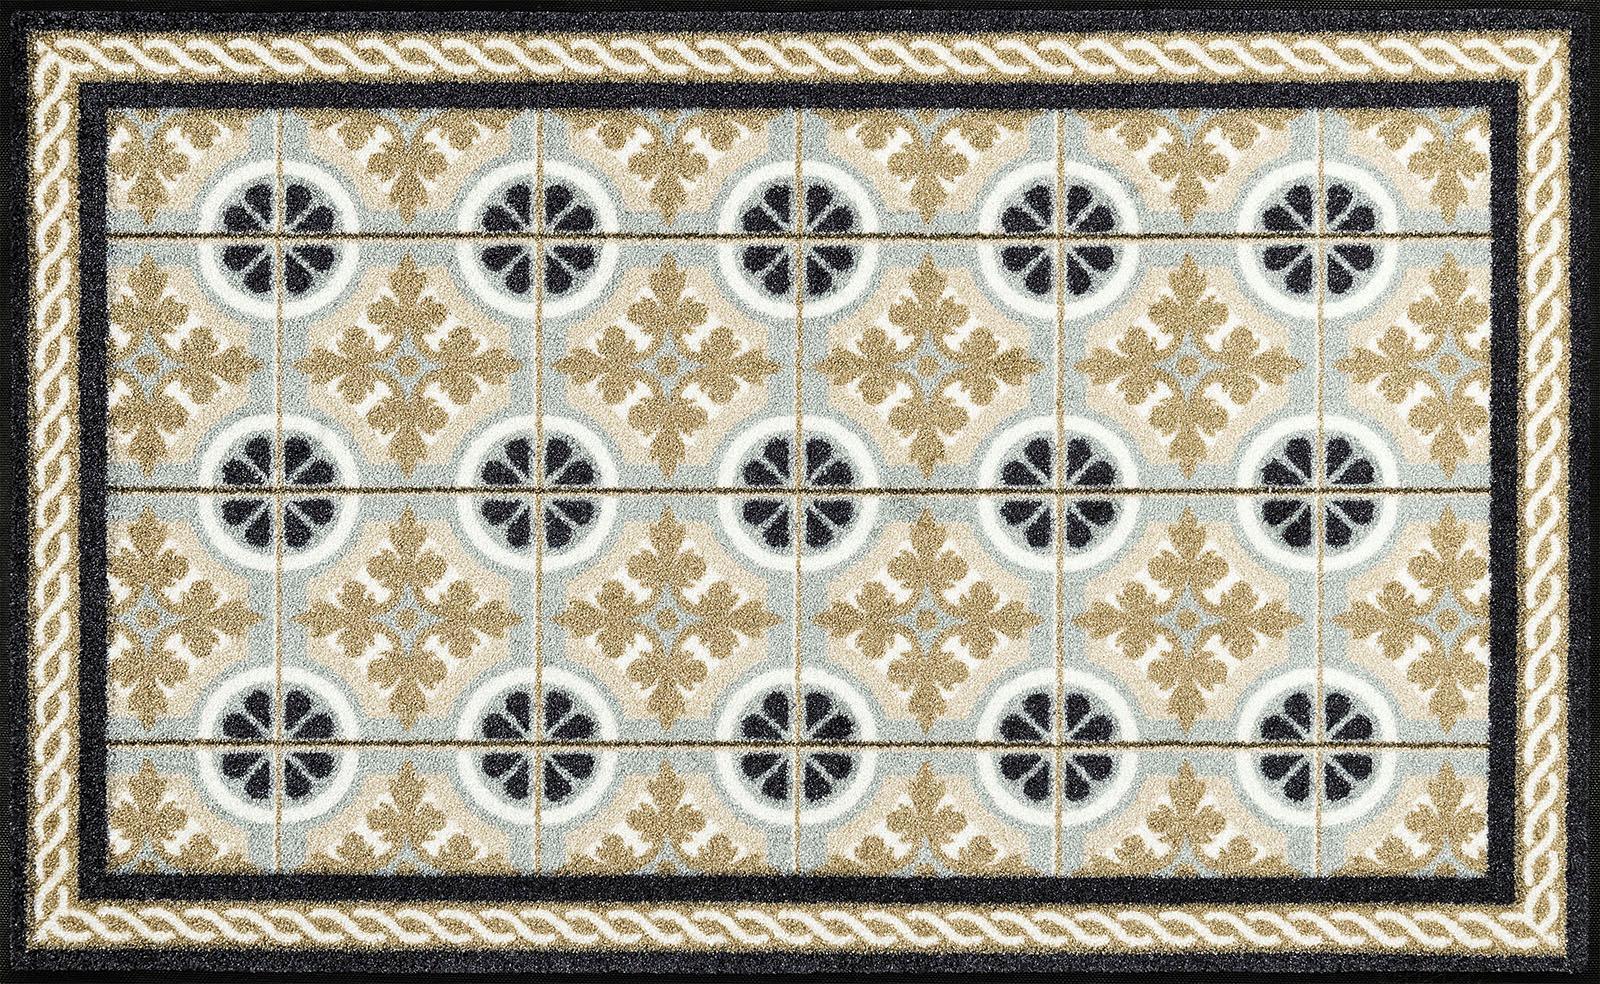 Teppich Kitchen Tiles wash+dry by Kleen-Tex rechteckig Höhe 7 mm gedruckt